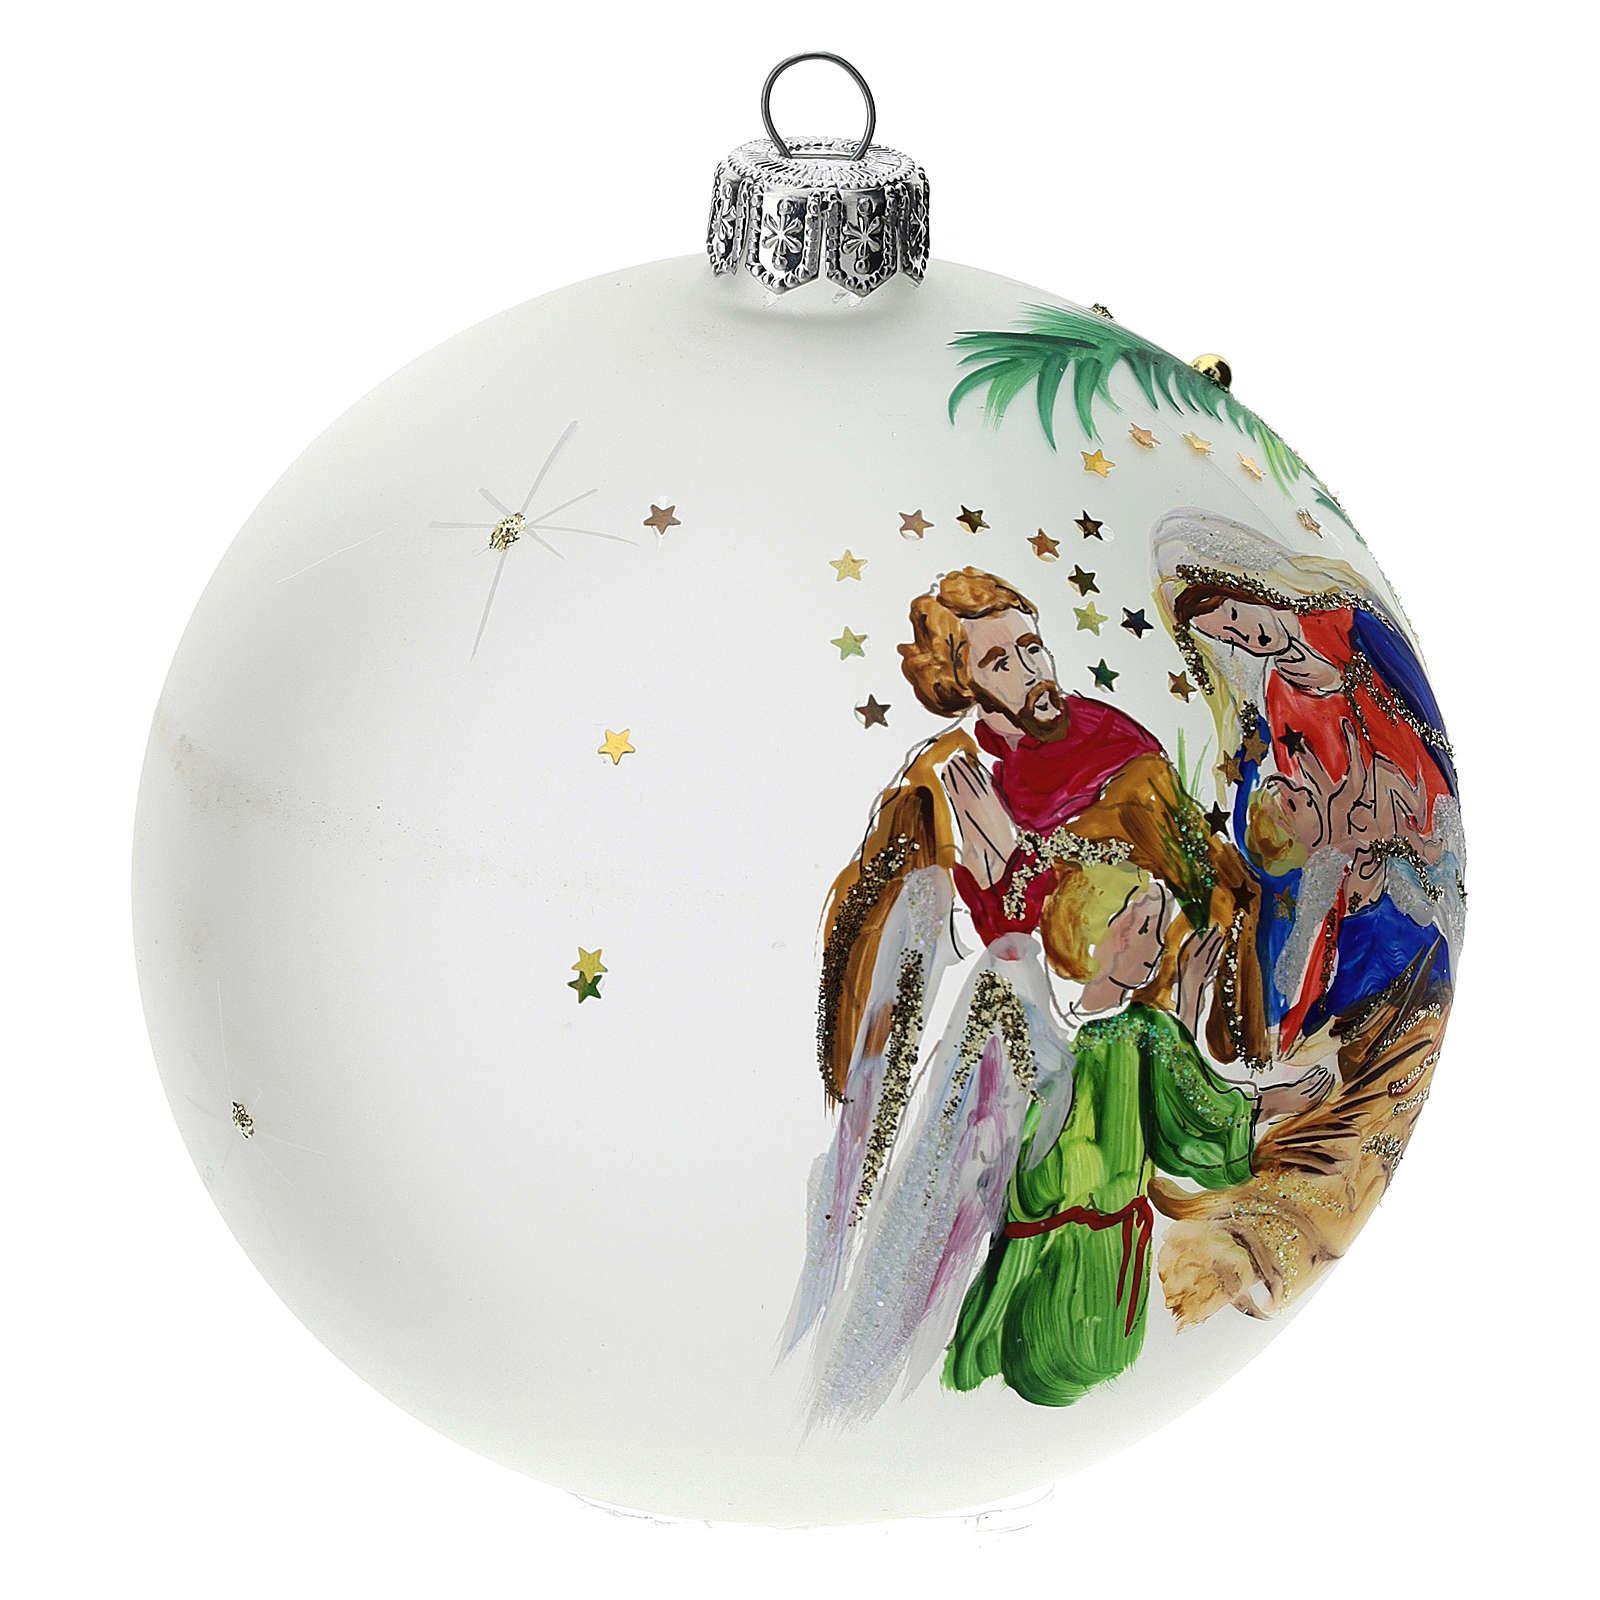 Bola árbol Navidad vidrio soplado opaca motivo estrellas 100 mm 4